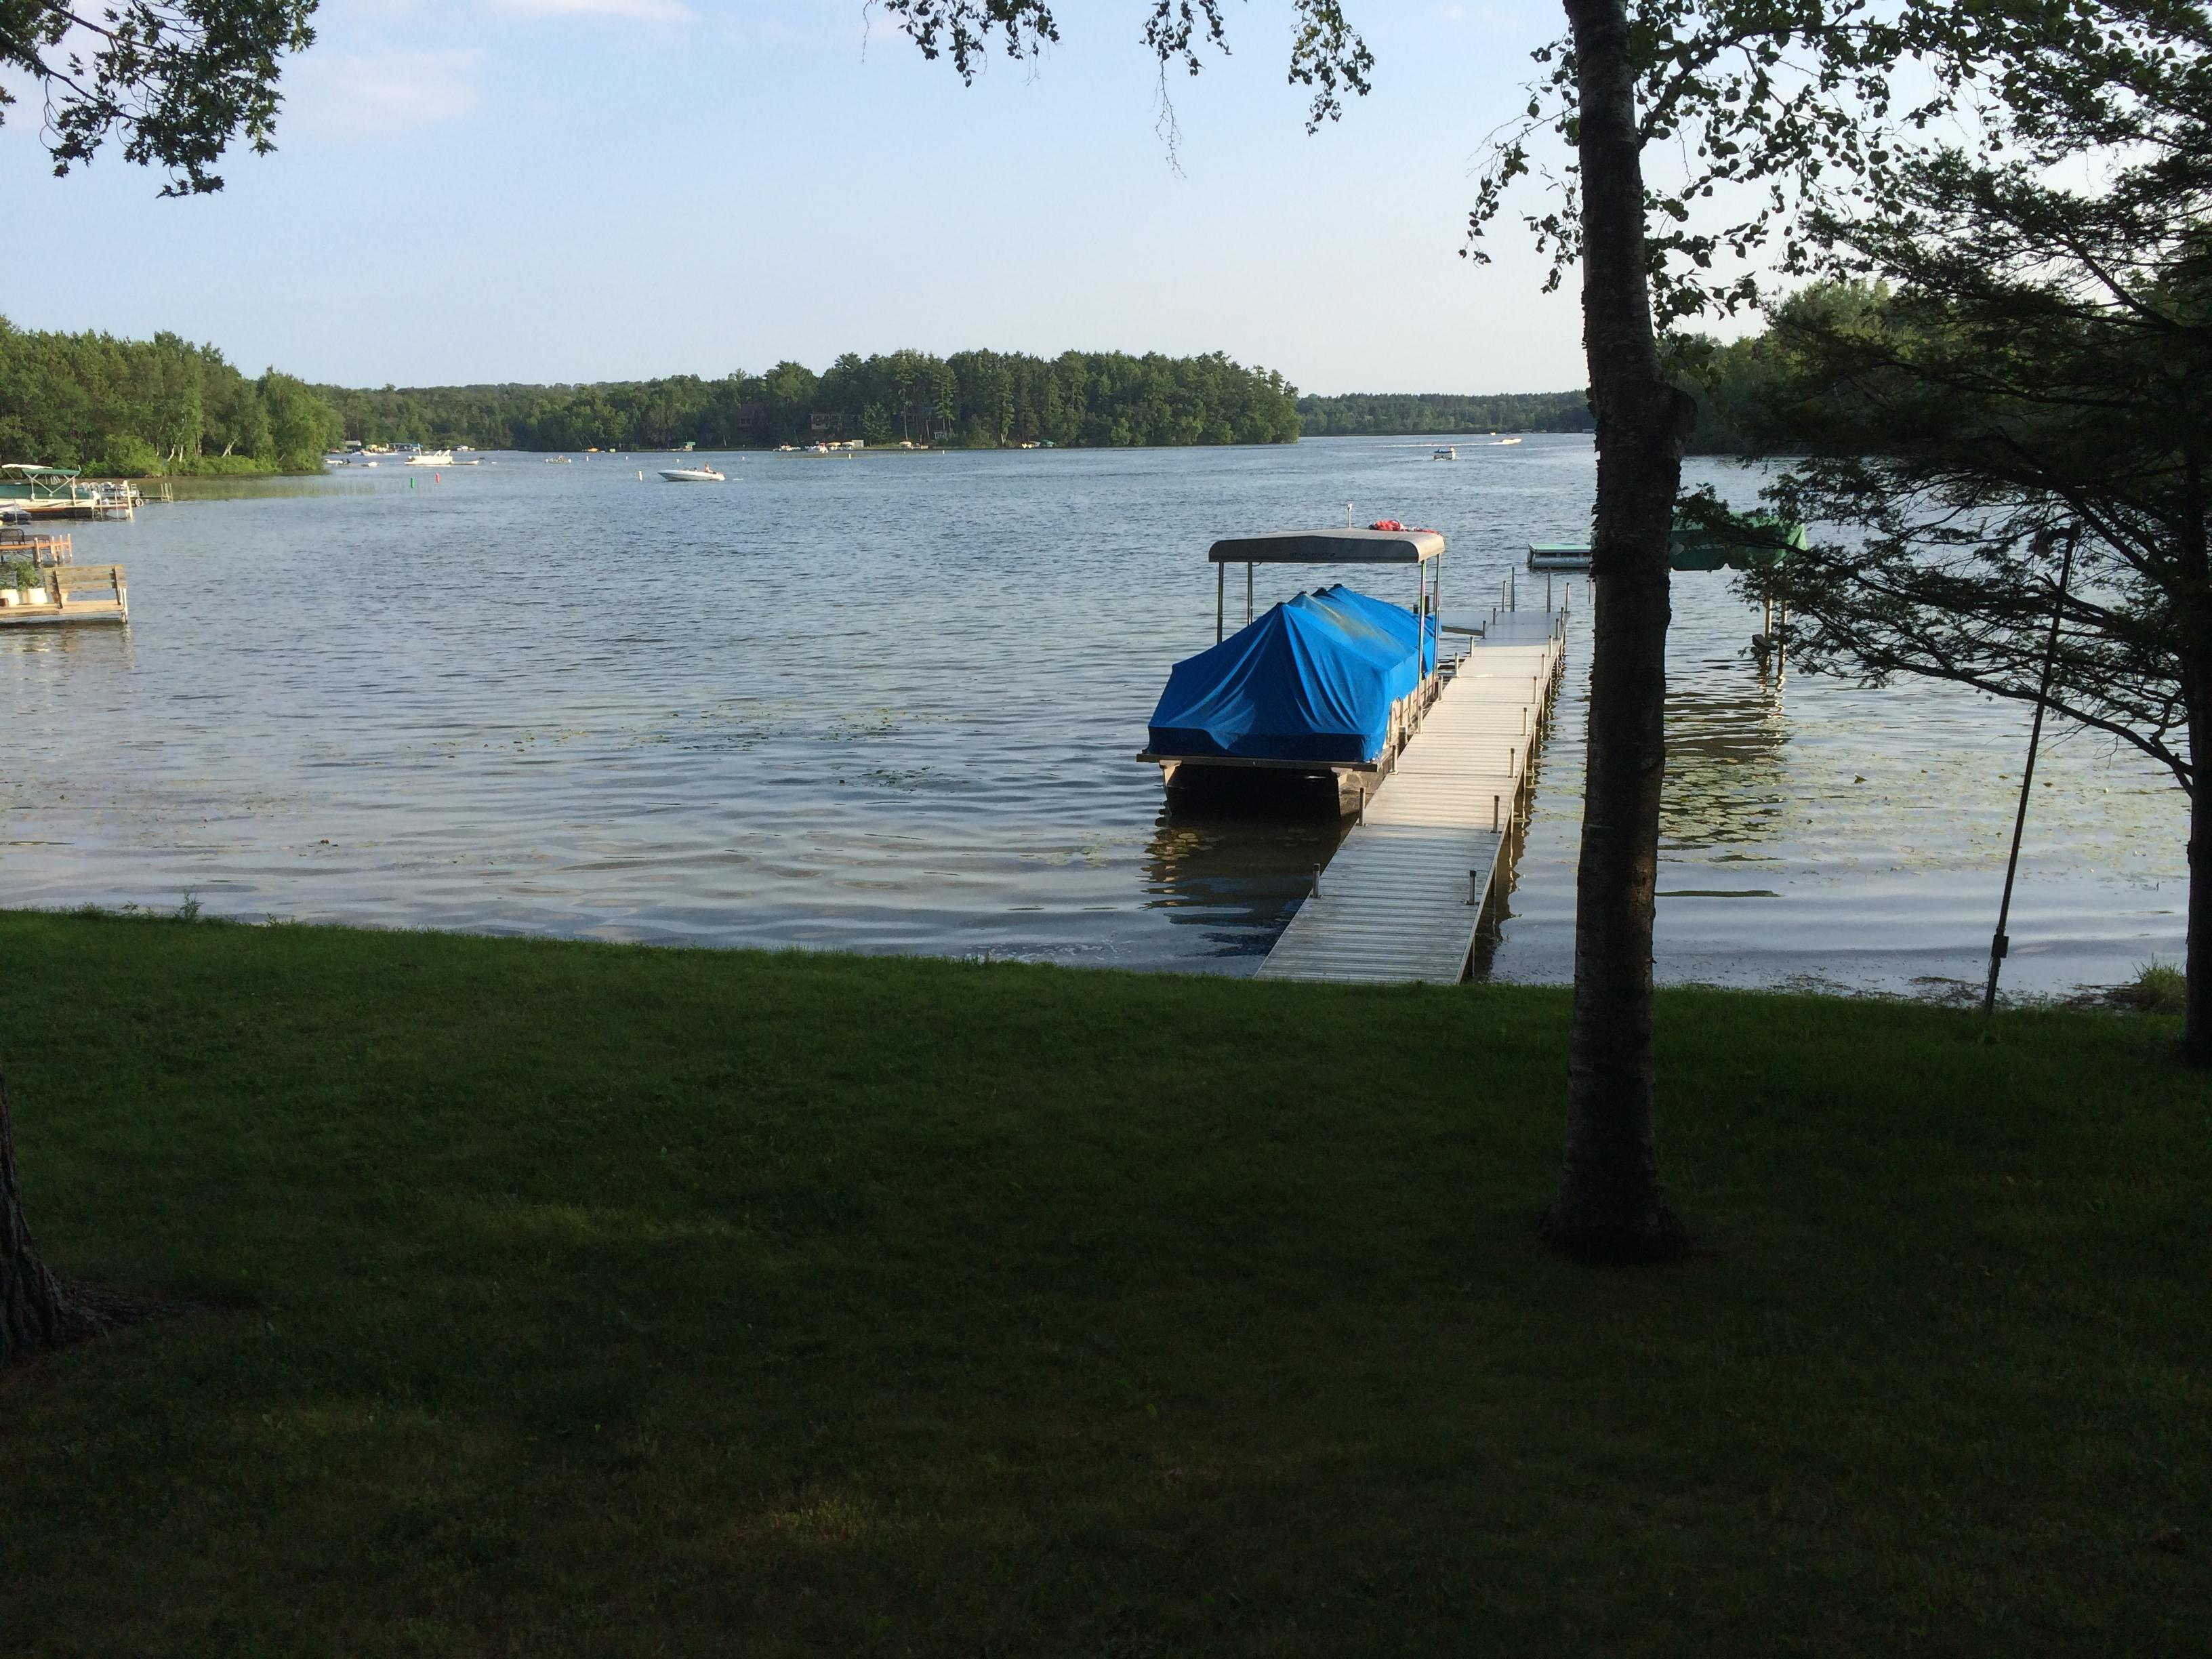 dock - Tan cottage